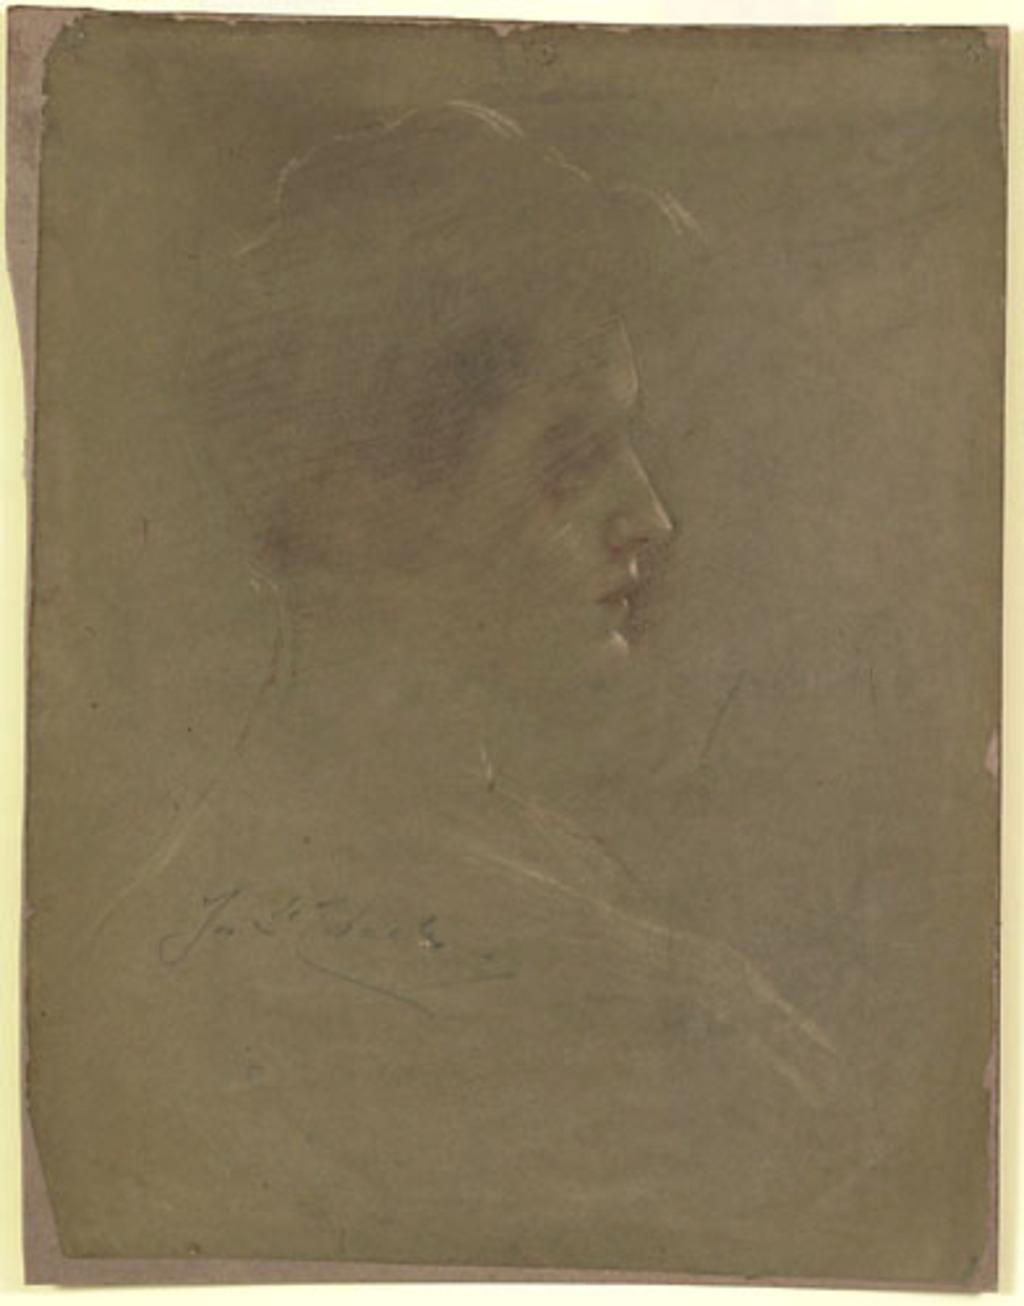 Madame Joseph Saint-Charles, épouse de l'artiste